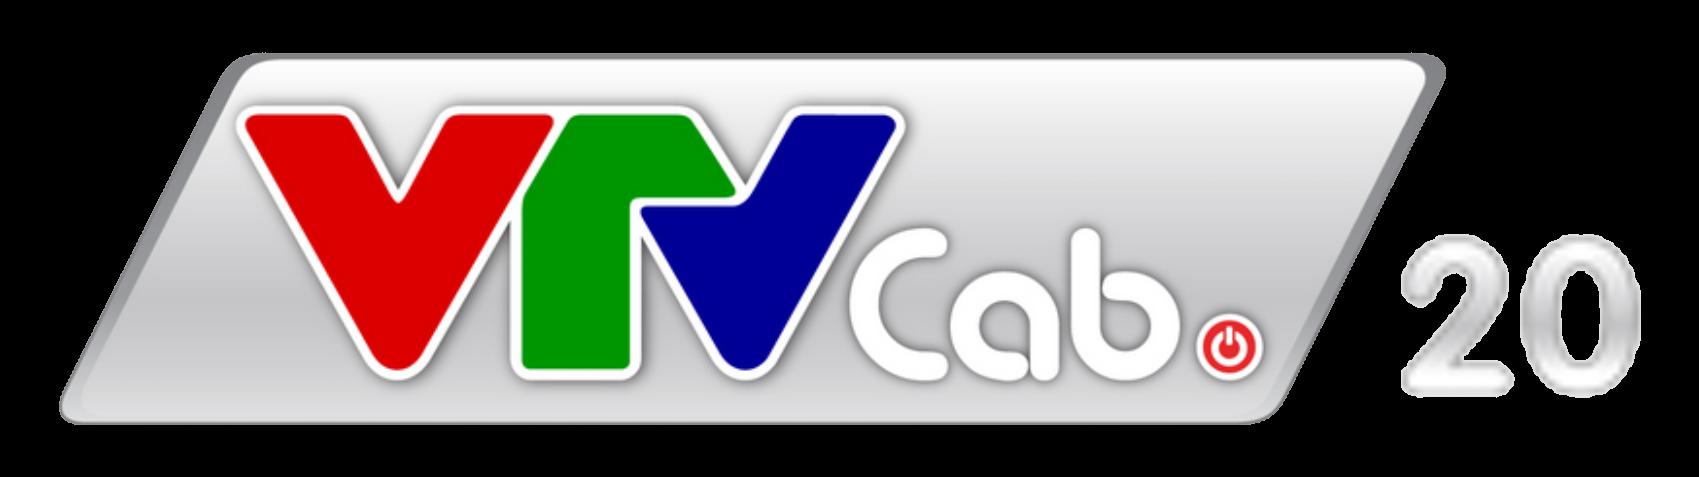 VTVCab20 - VFamily